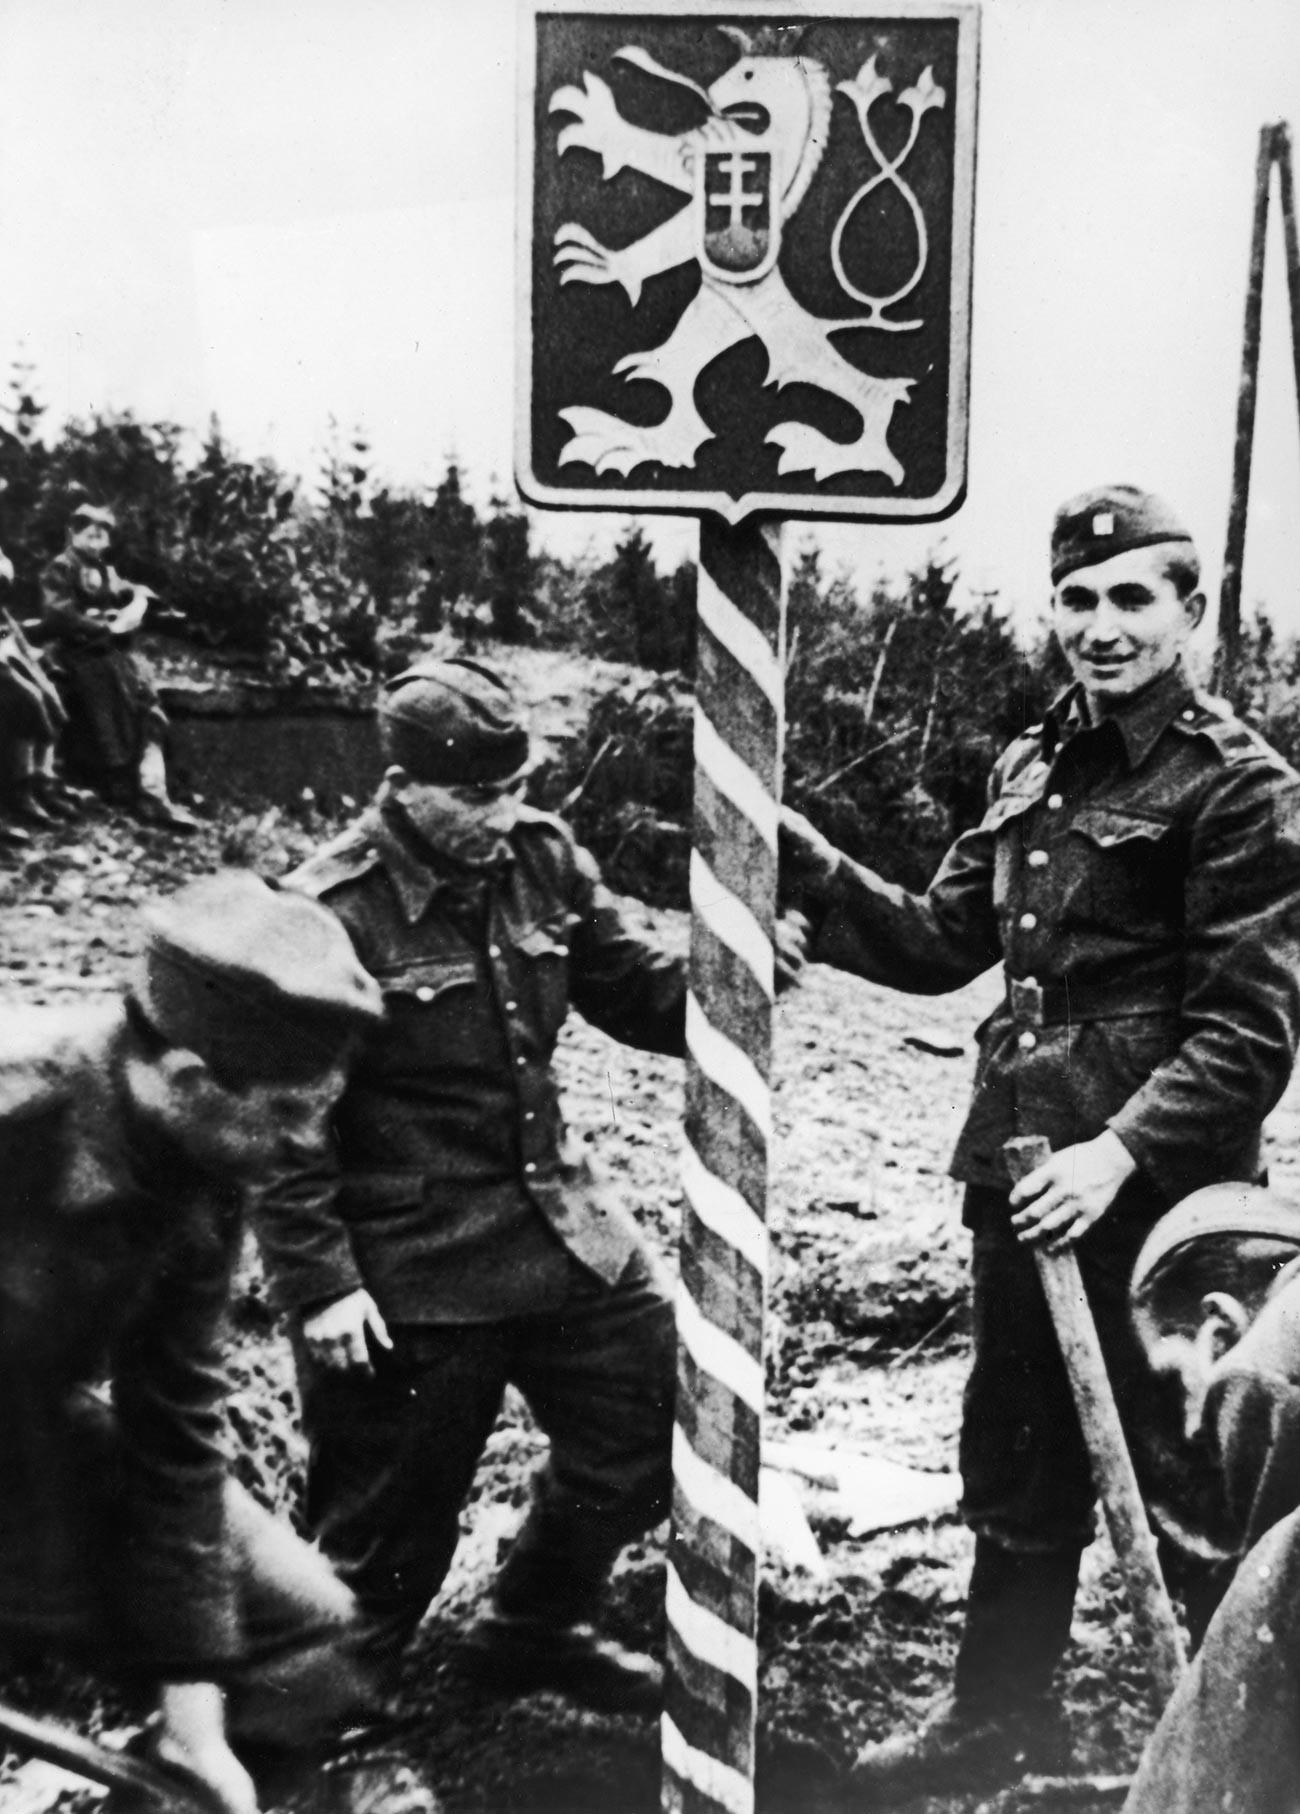 Češki vojaki v sovjetskih uniformah postavljajo mejni prehod na prelazu Duklja, na nedavno osvobojenem delu svoje domovine.